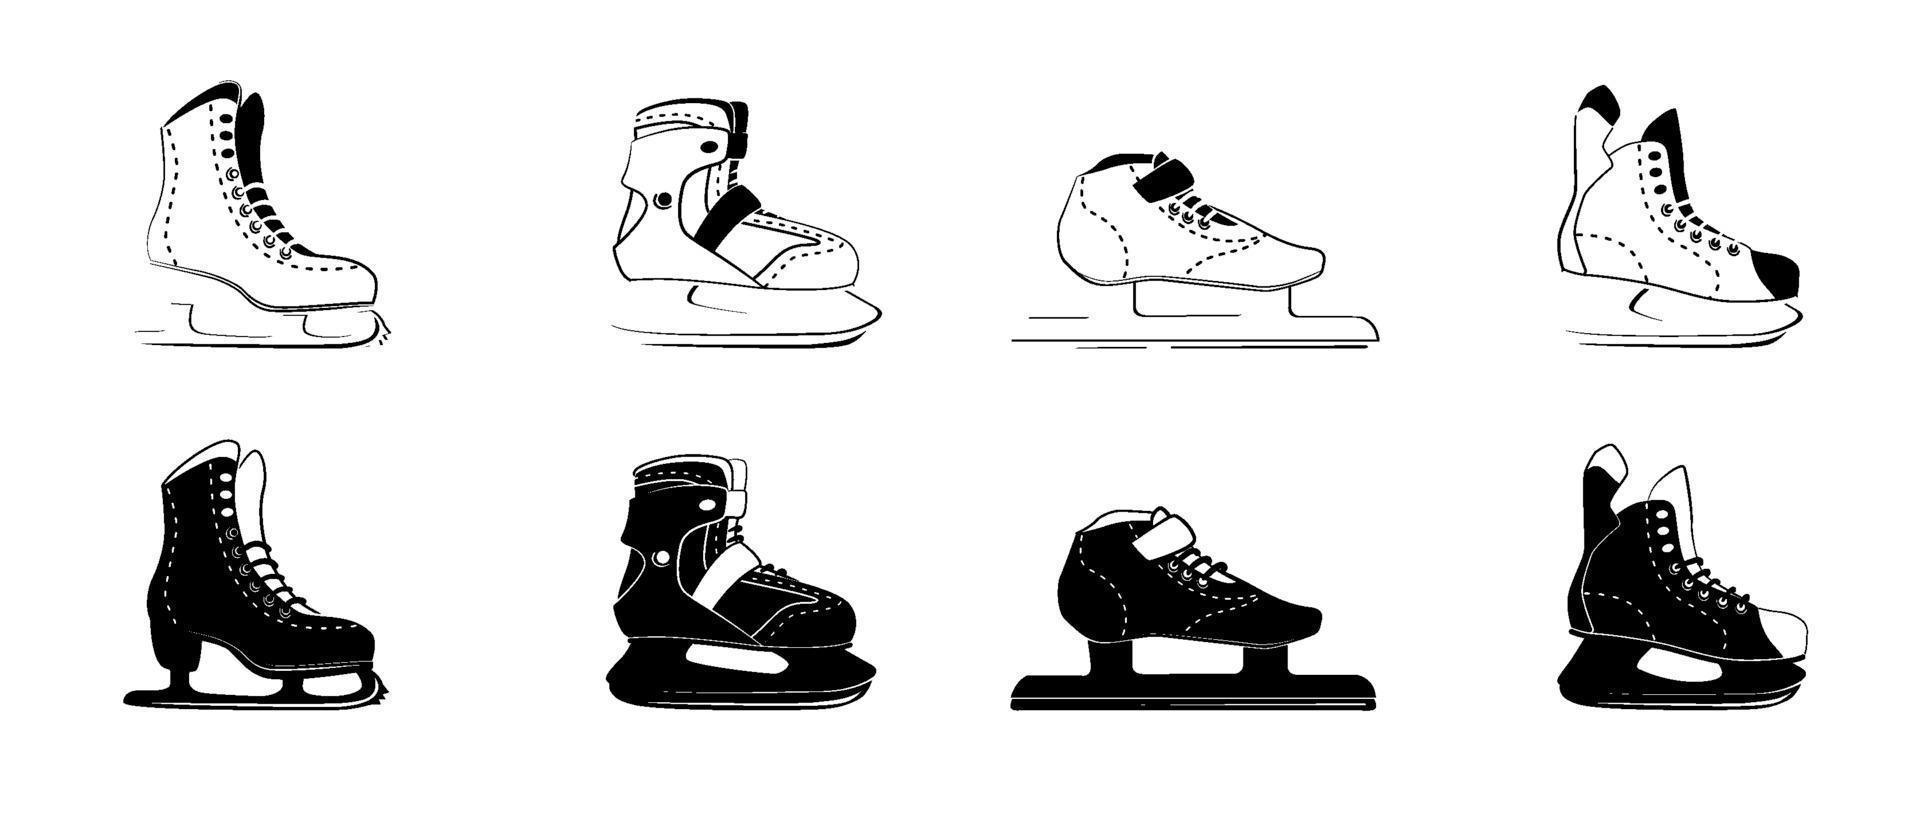 icone del glifo con pattini da ghiaccio - figura, fitness, corsa, hockey. tipo di scarponi da pattinaggio sul ghiaccio. logo di attrezzature per sport invernali in stile contorno nero. illustrazione vettoriale isolato su sfondo bianco.